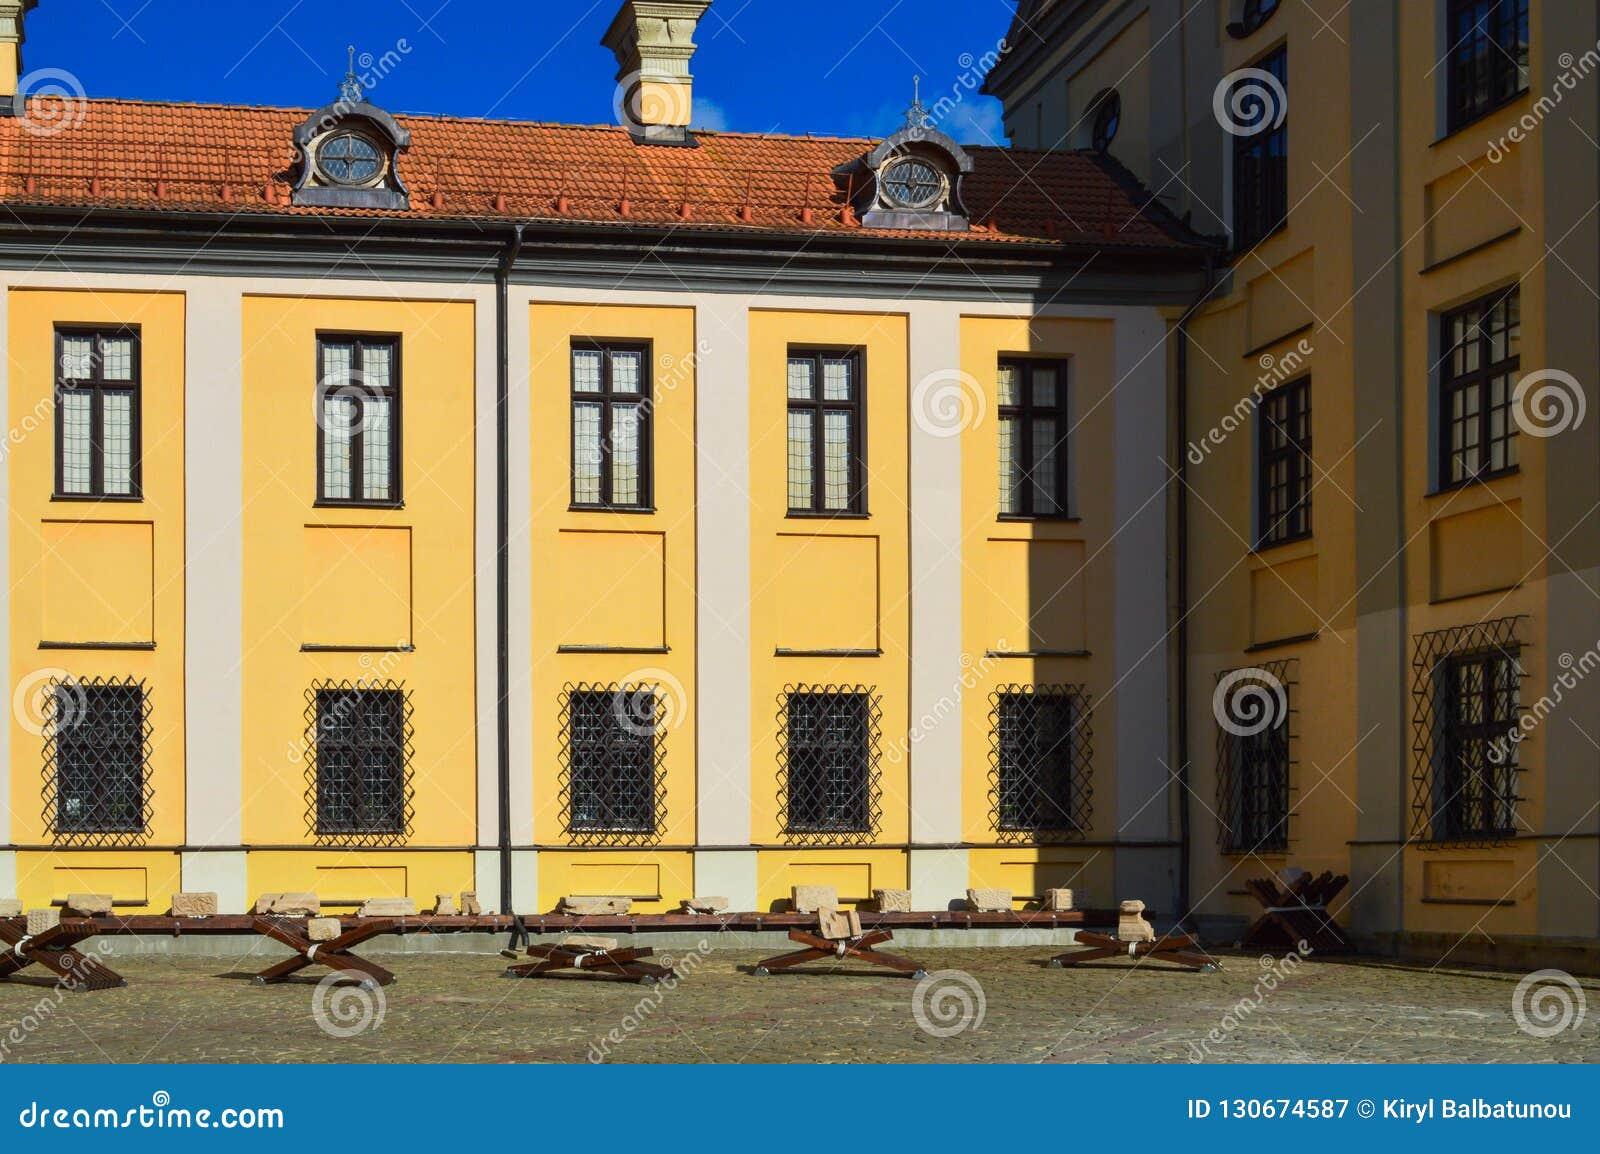 Όμορφα κίτρινα ιστορικά μεσαιωνικά ευρωπαϊκά κτήρια χαμηλός-ανόδου με ένα κόκκινο αέτωμα στεγών κεραμιδιών και ορθογώνια παράθυρα